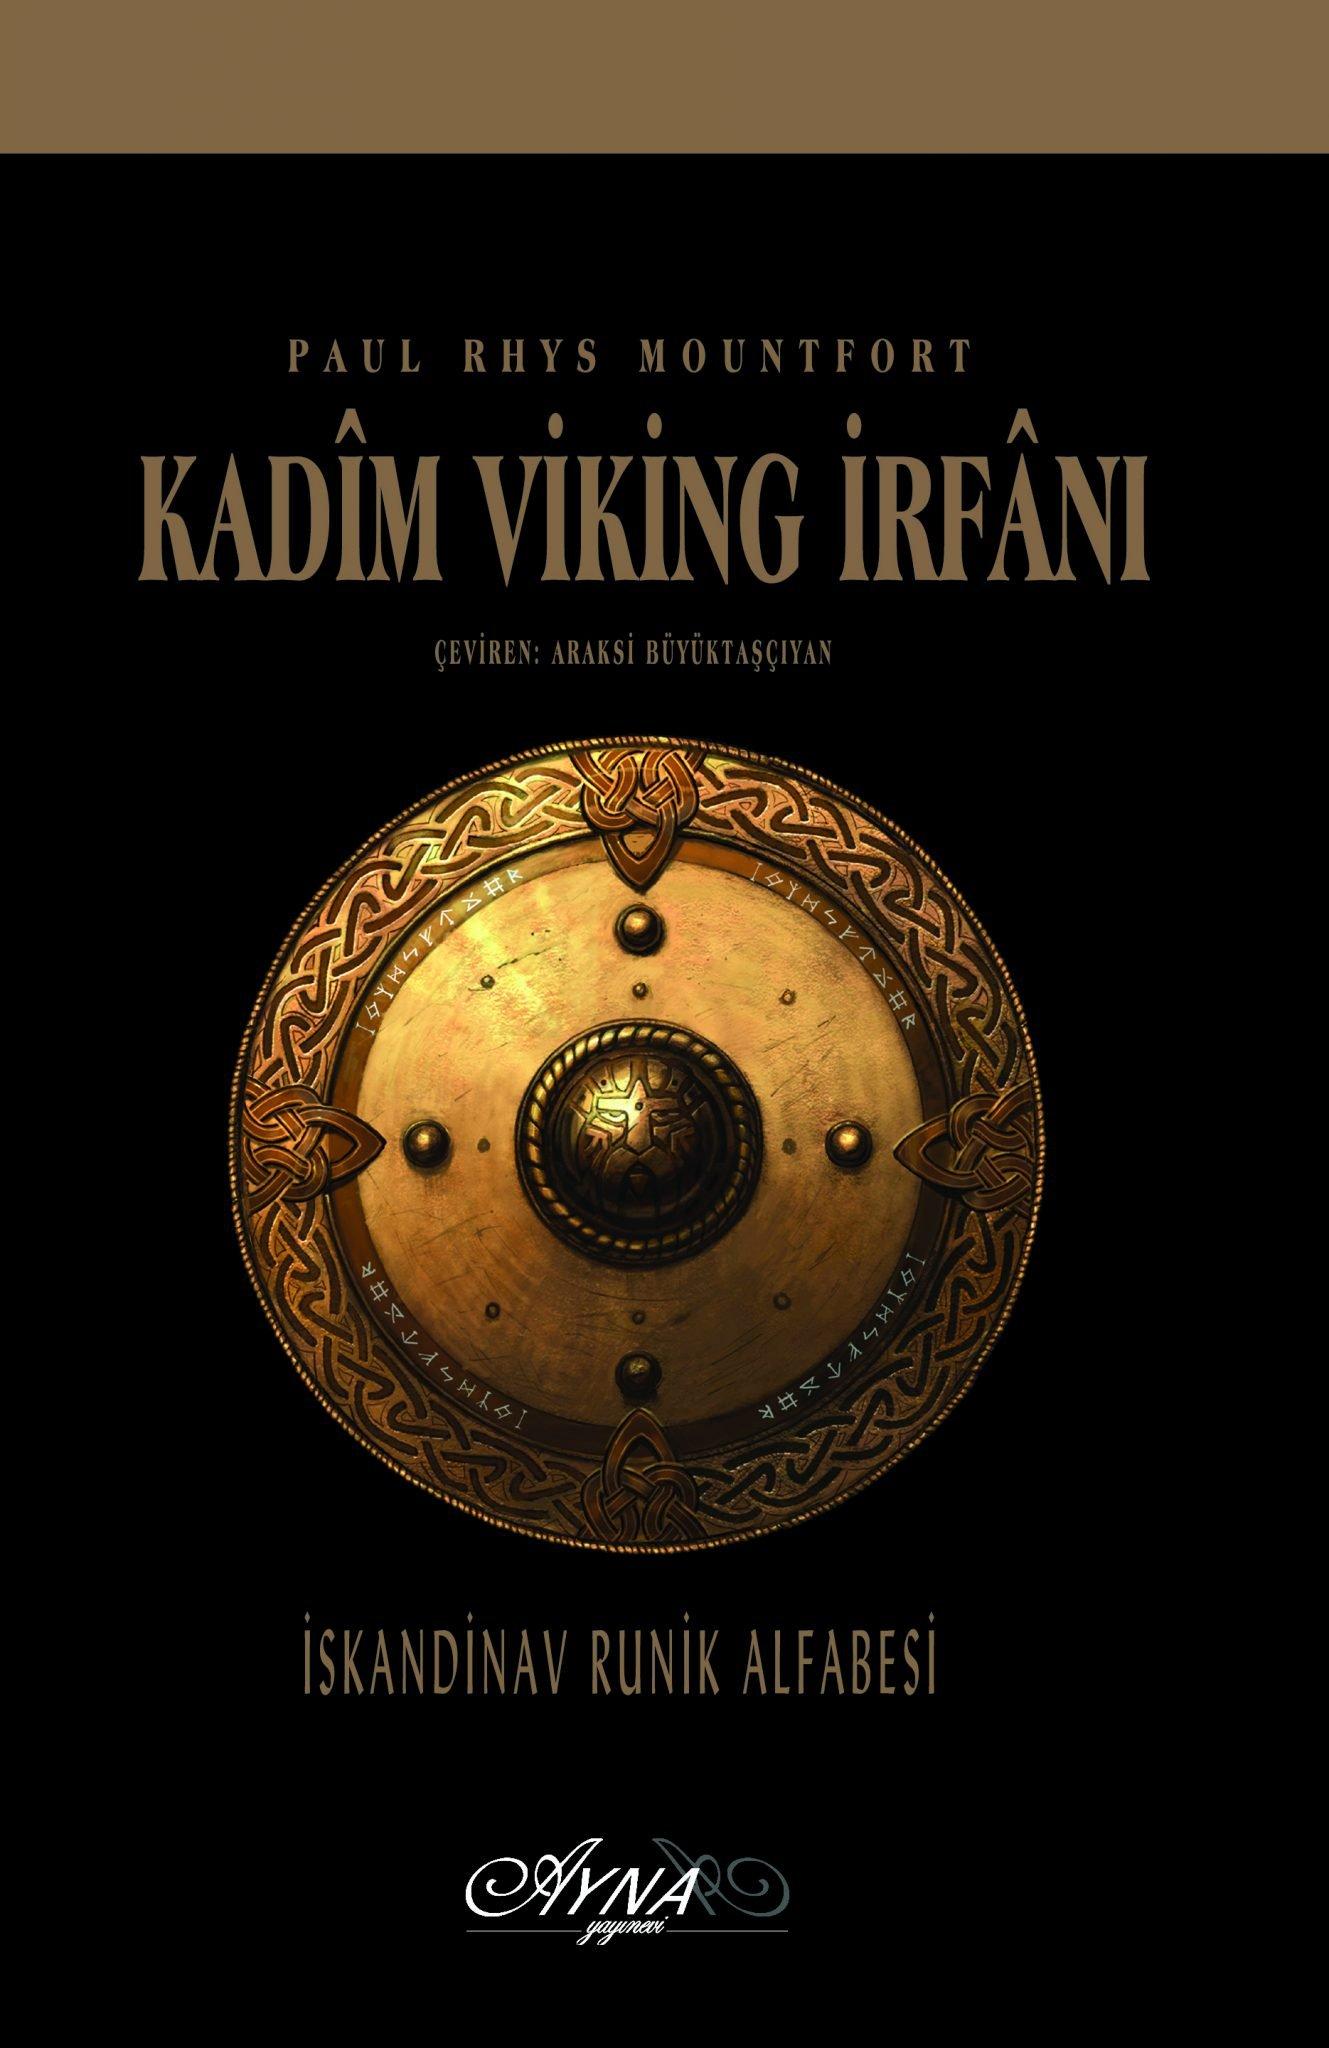 Kadîm Viking İrfânı - Paul Rhys Mountfort